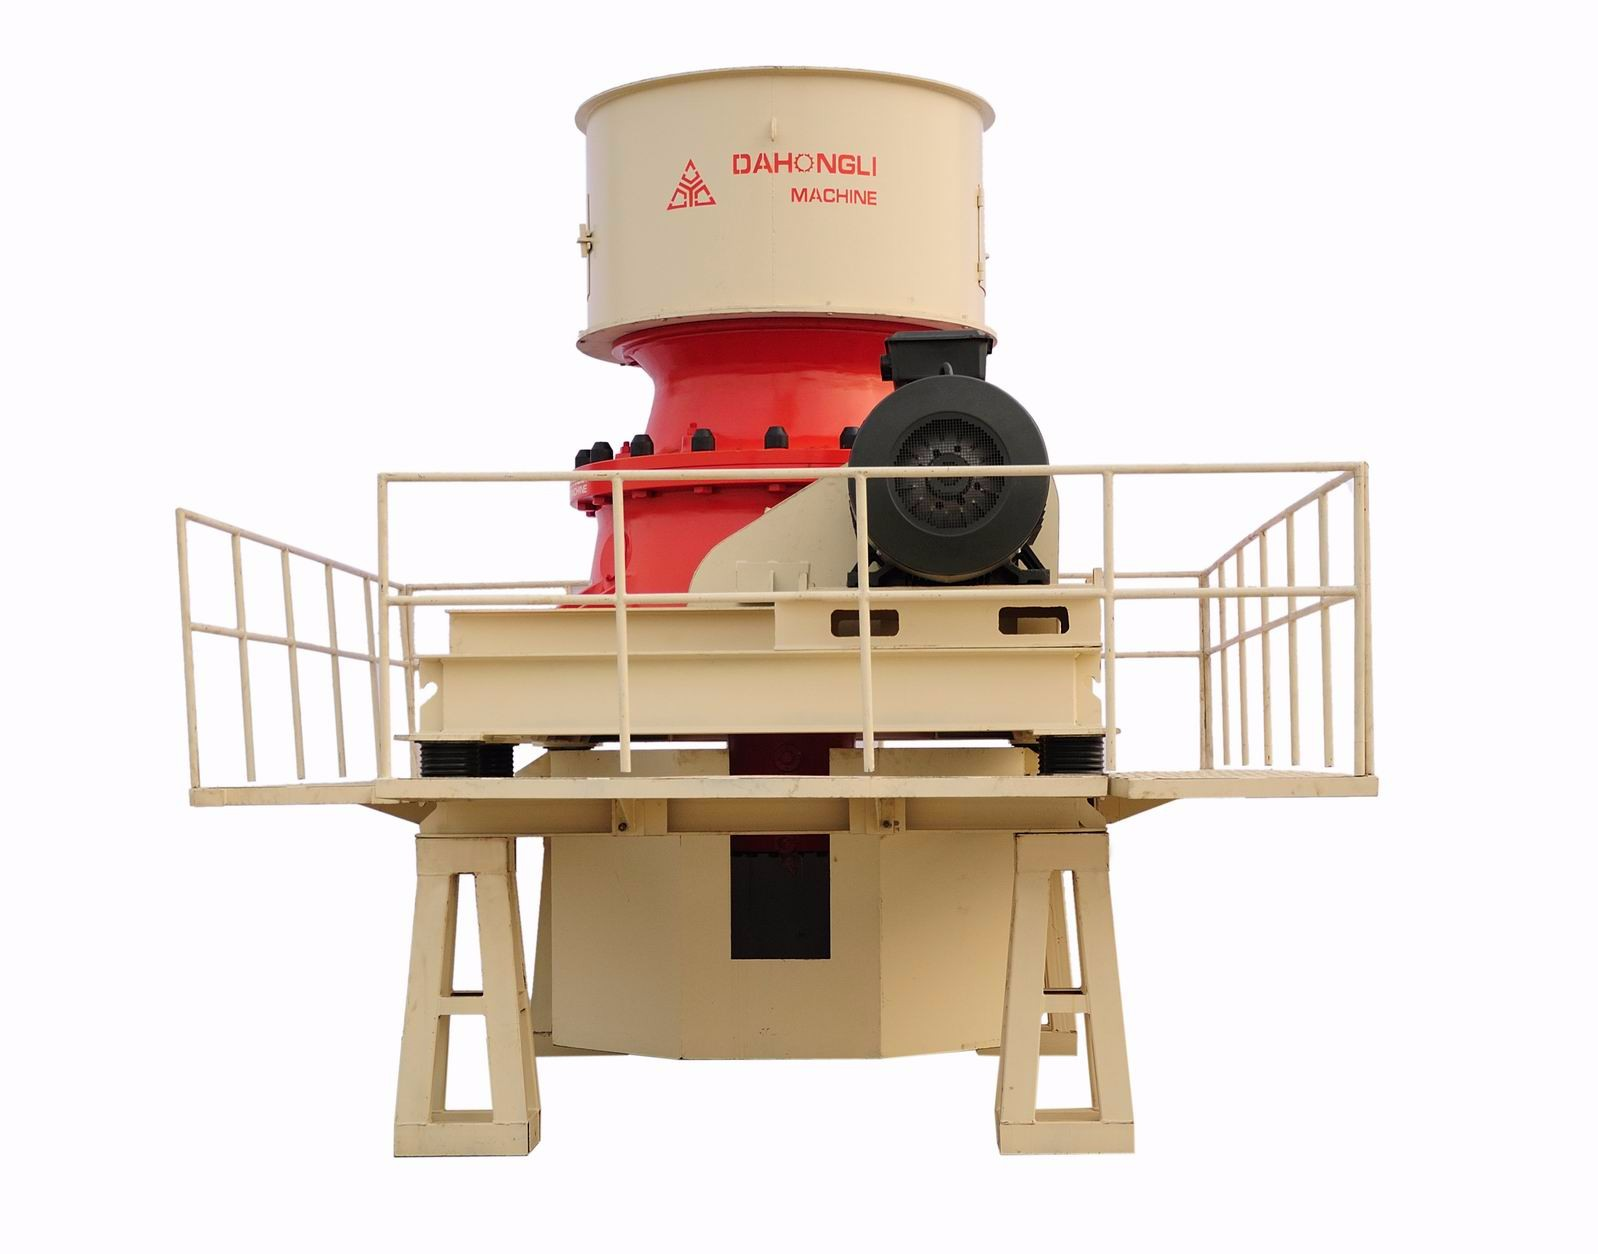 大宏立 PYY系列单缸液压圆锥破碎机 高效、节能、环保、智能